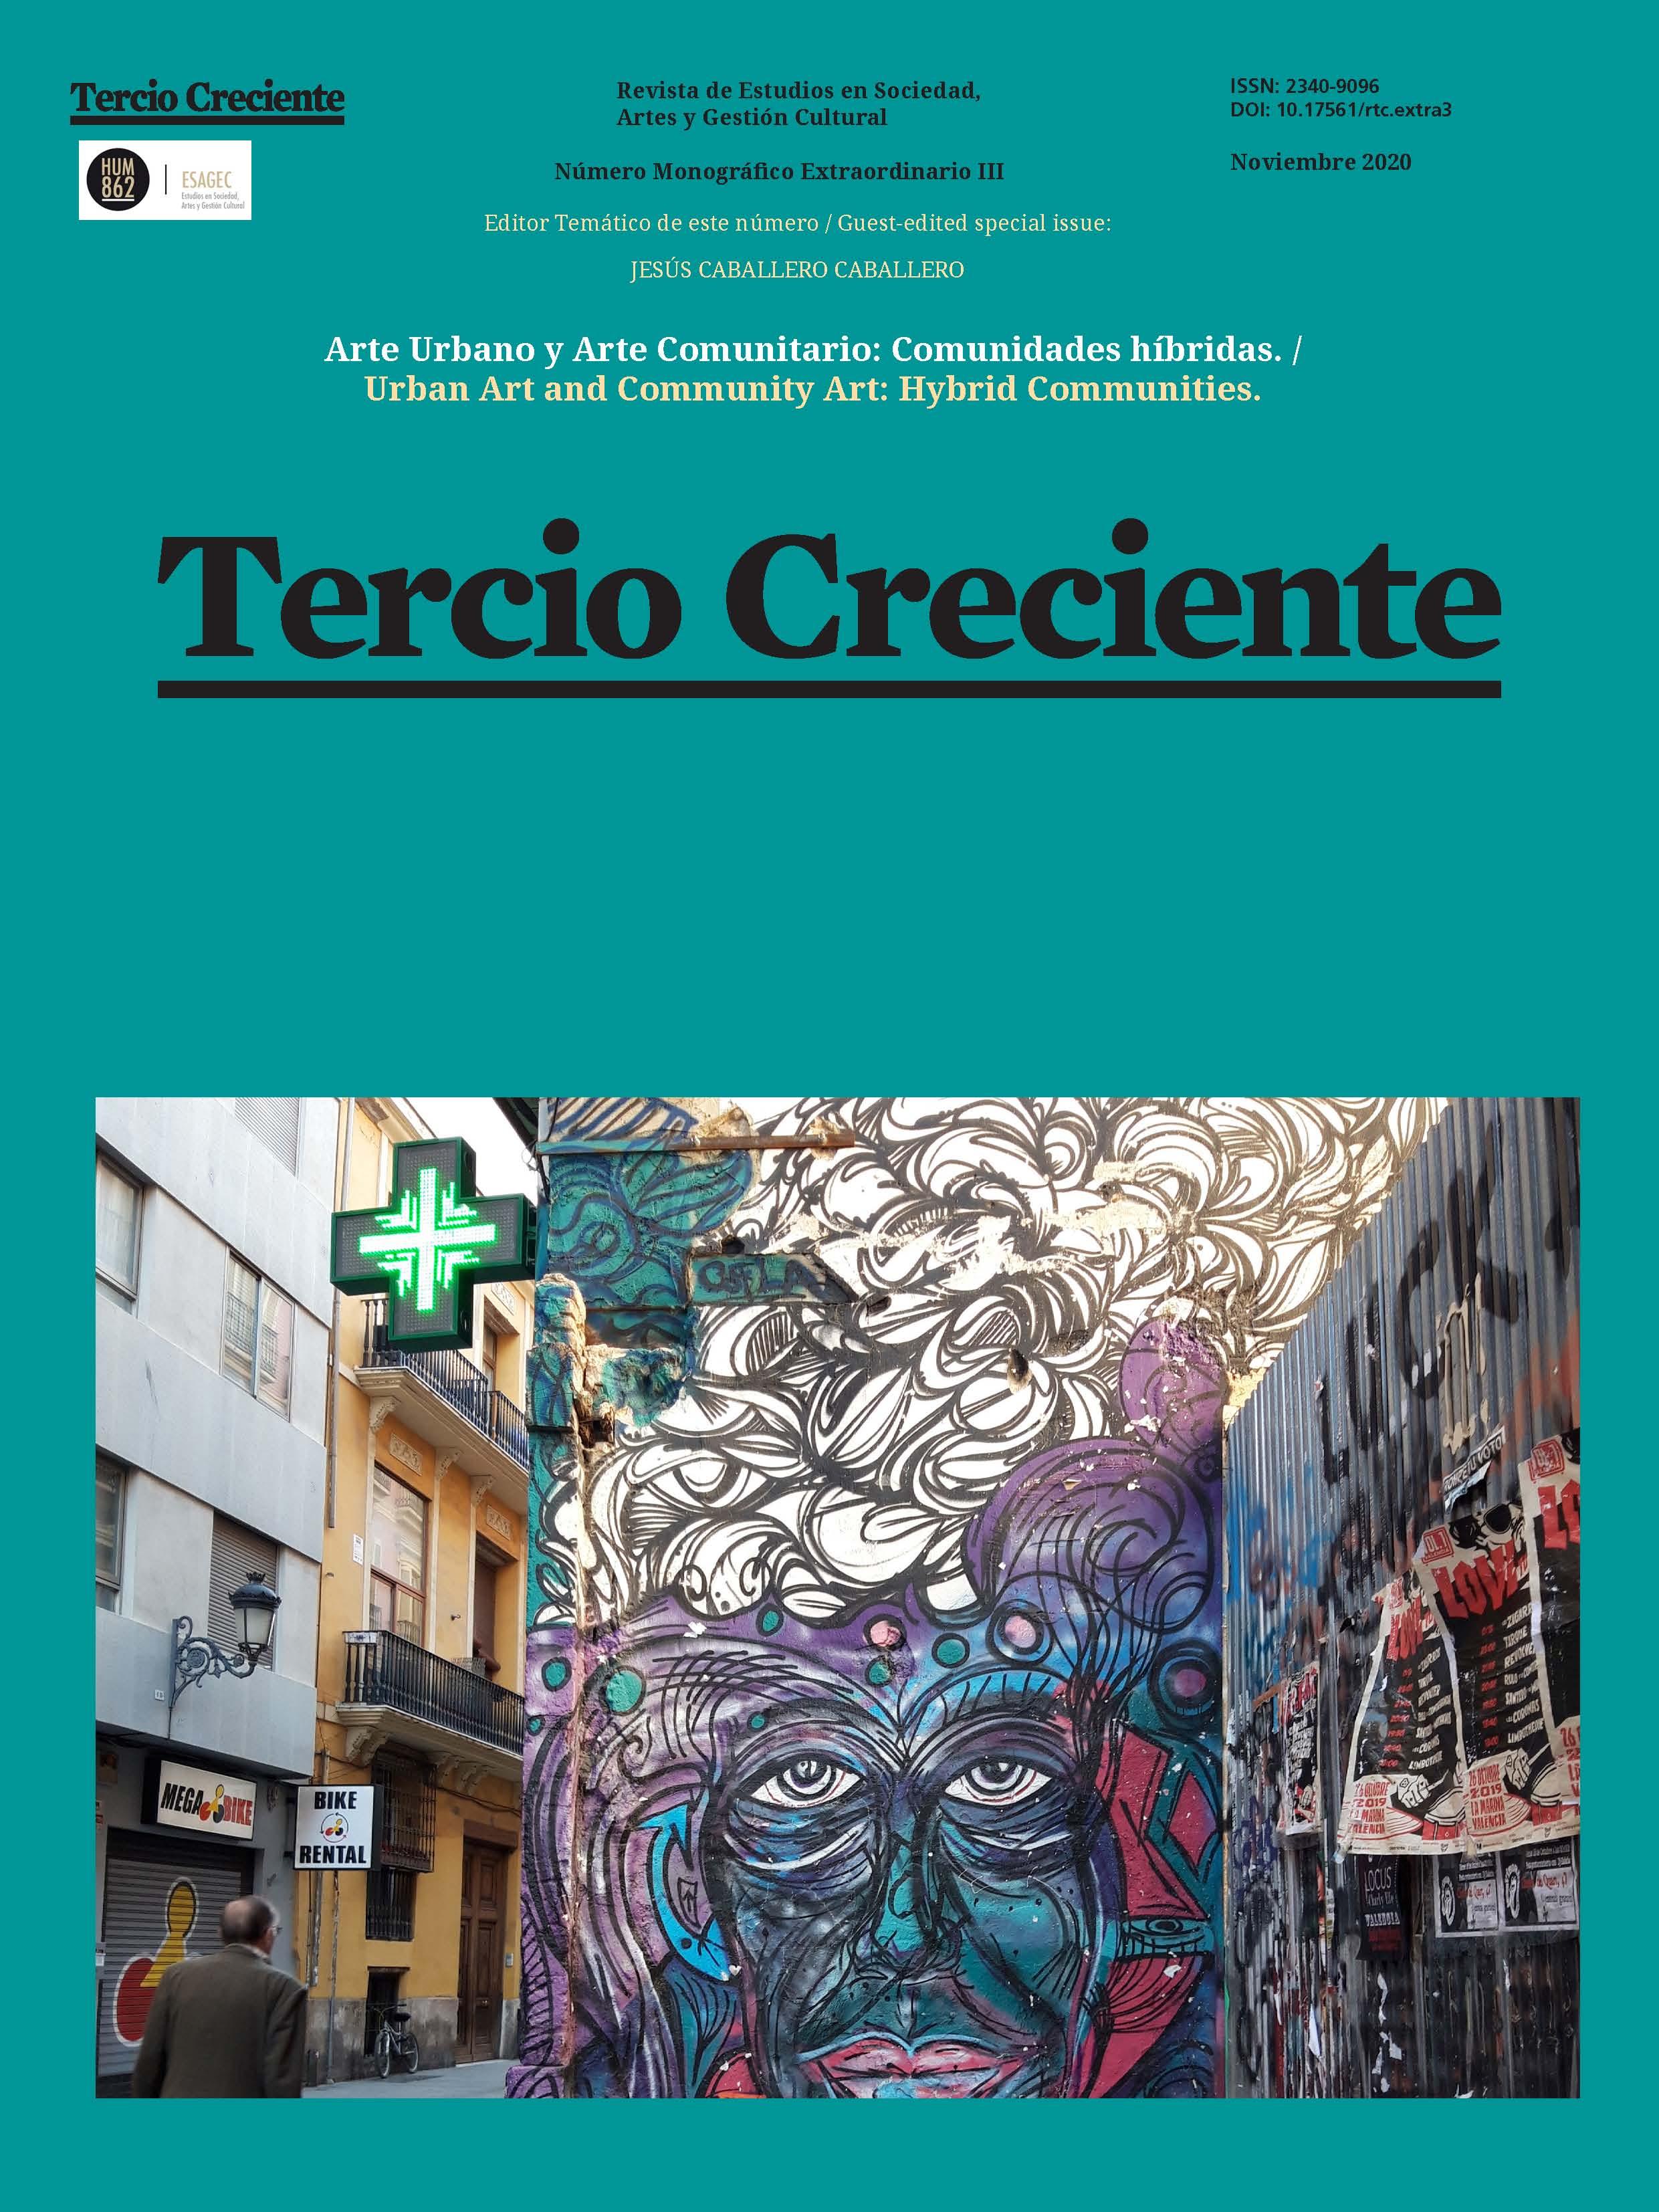 Ver Monográfico Extraordinario III (2020): Arte Urbano y Arte Comunitario: Comunidades híbridas.